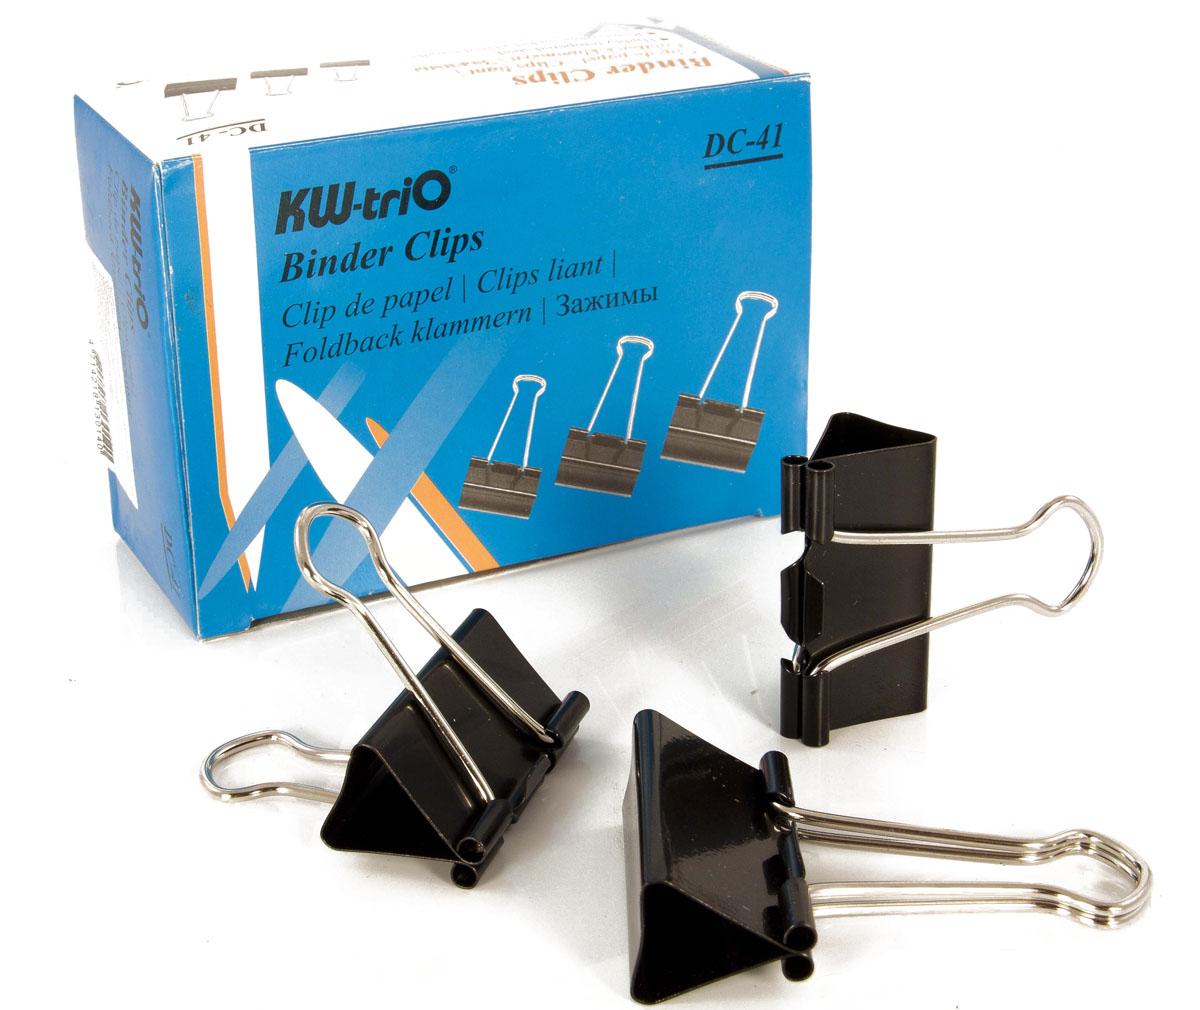 KW-Тrio Зажим для бумаг цвет черный 41 мм 12 штDC-41Зажим для бумаг KW-Тrio предназначен для скрепления бумажных носителей. Зажим выполнен из металла.В упаковке 12 зажимов черного цвета. Они надежно и легко скрепляют, не деформируют бумагу, не оставляют на ней следов.